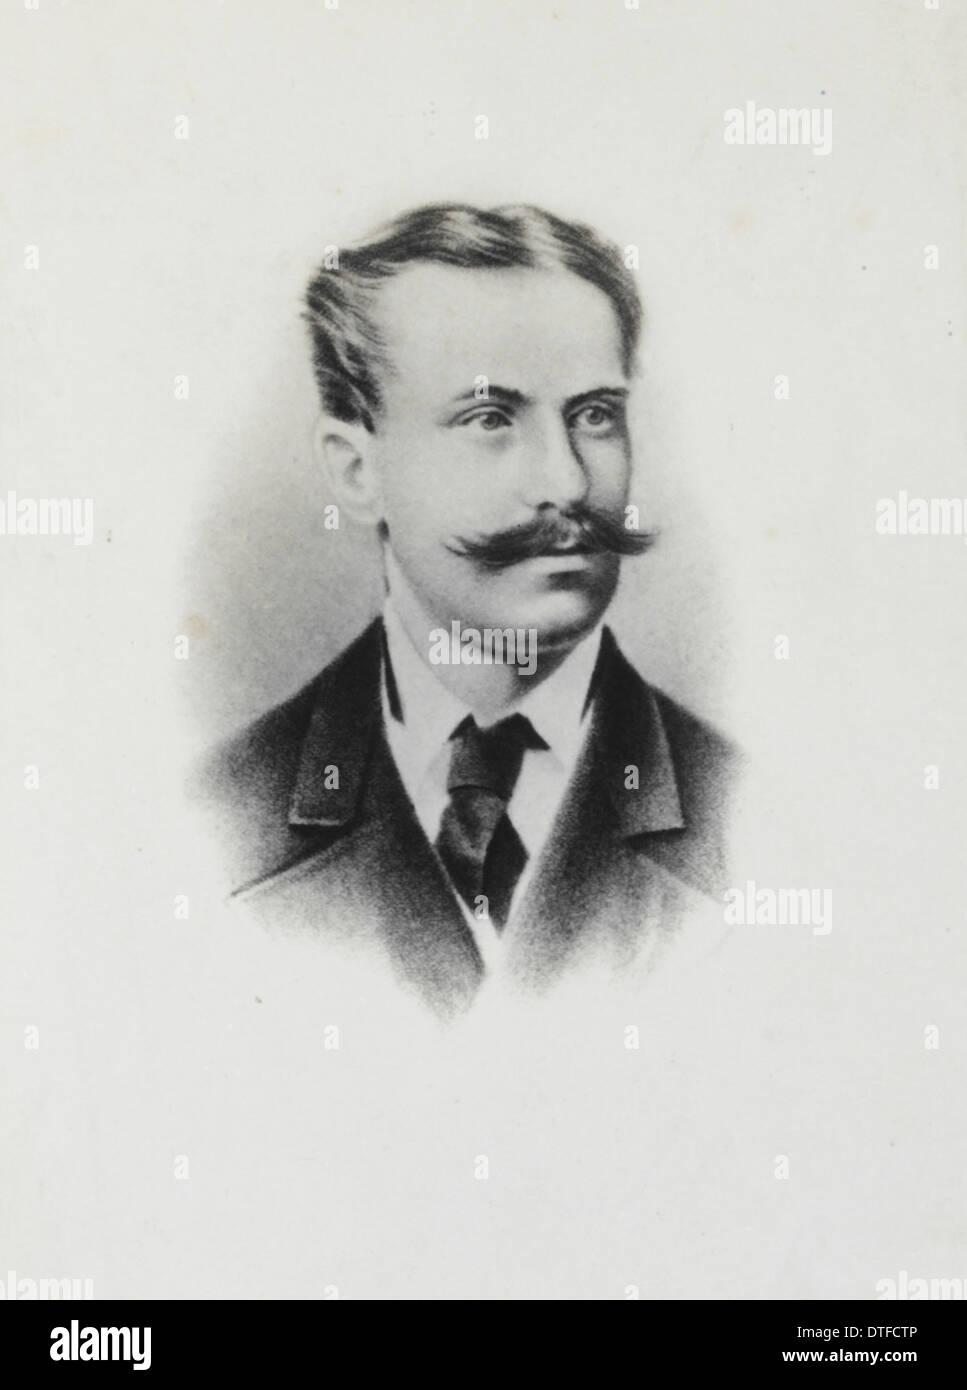 Rudolph von Willemoes Suhm (1847-1875)Stock Photo